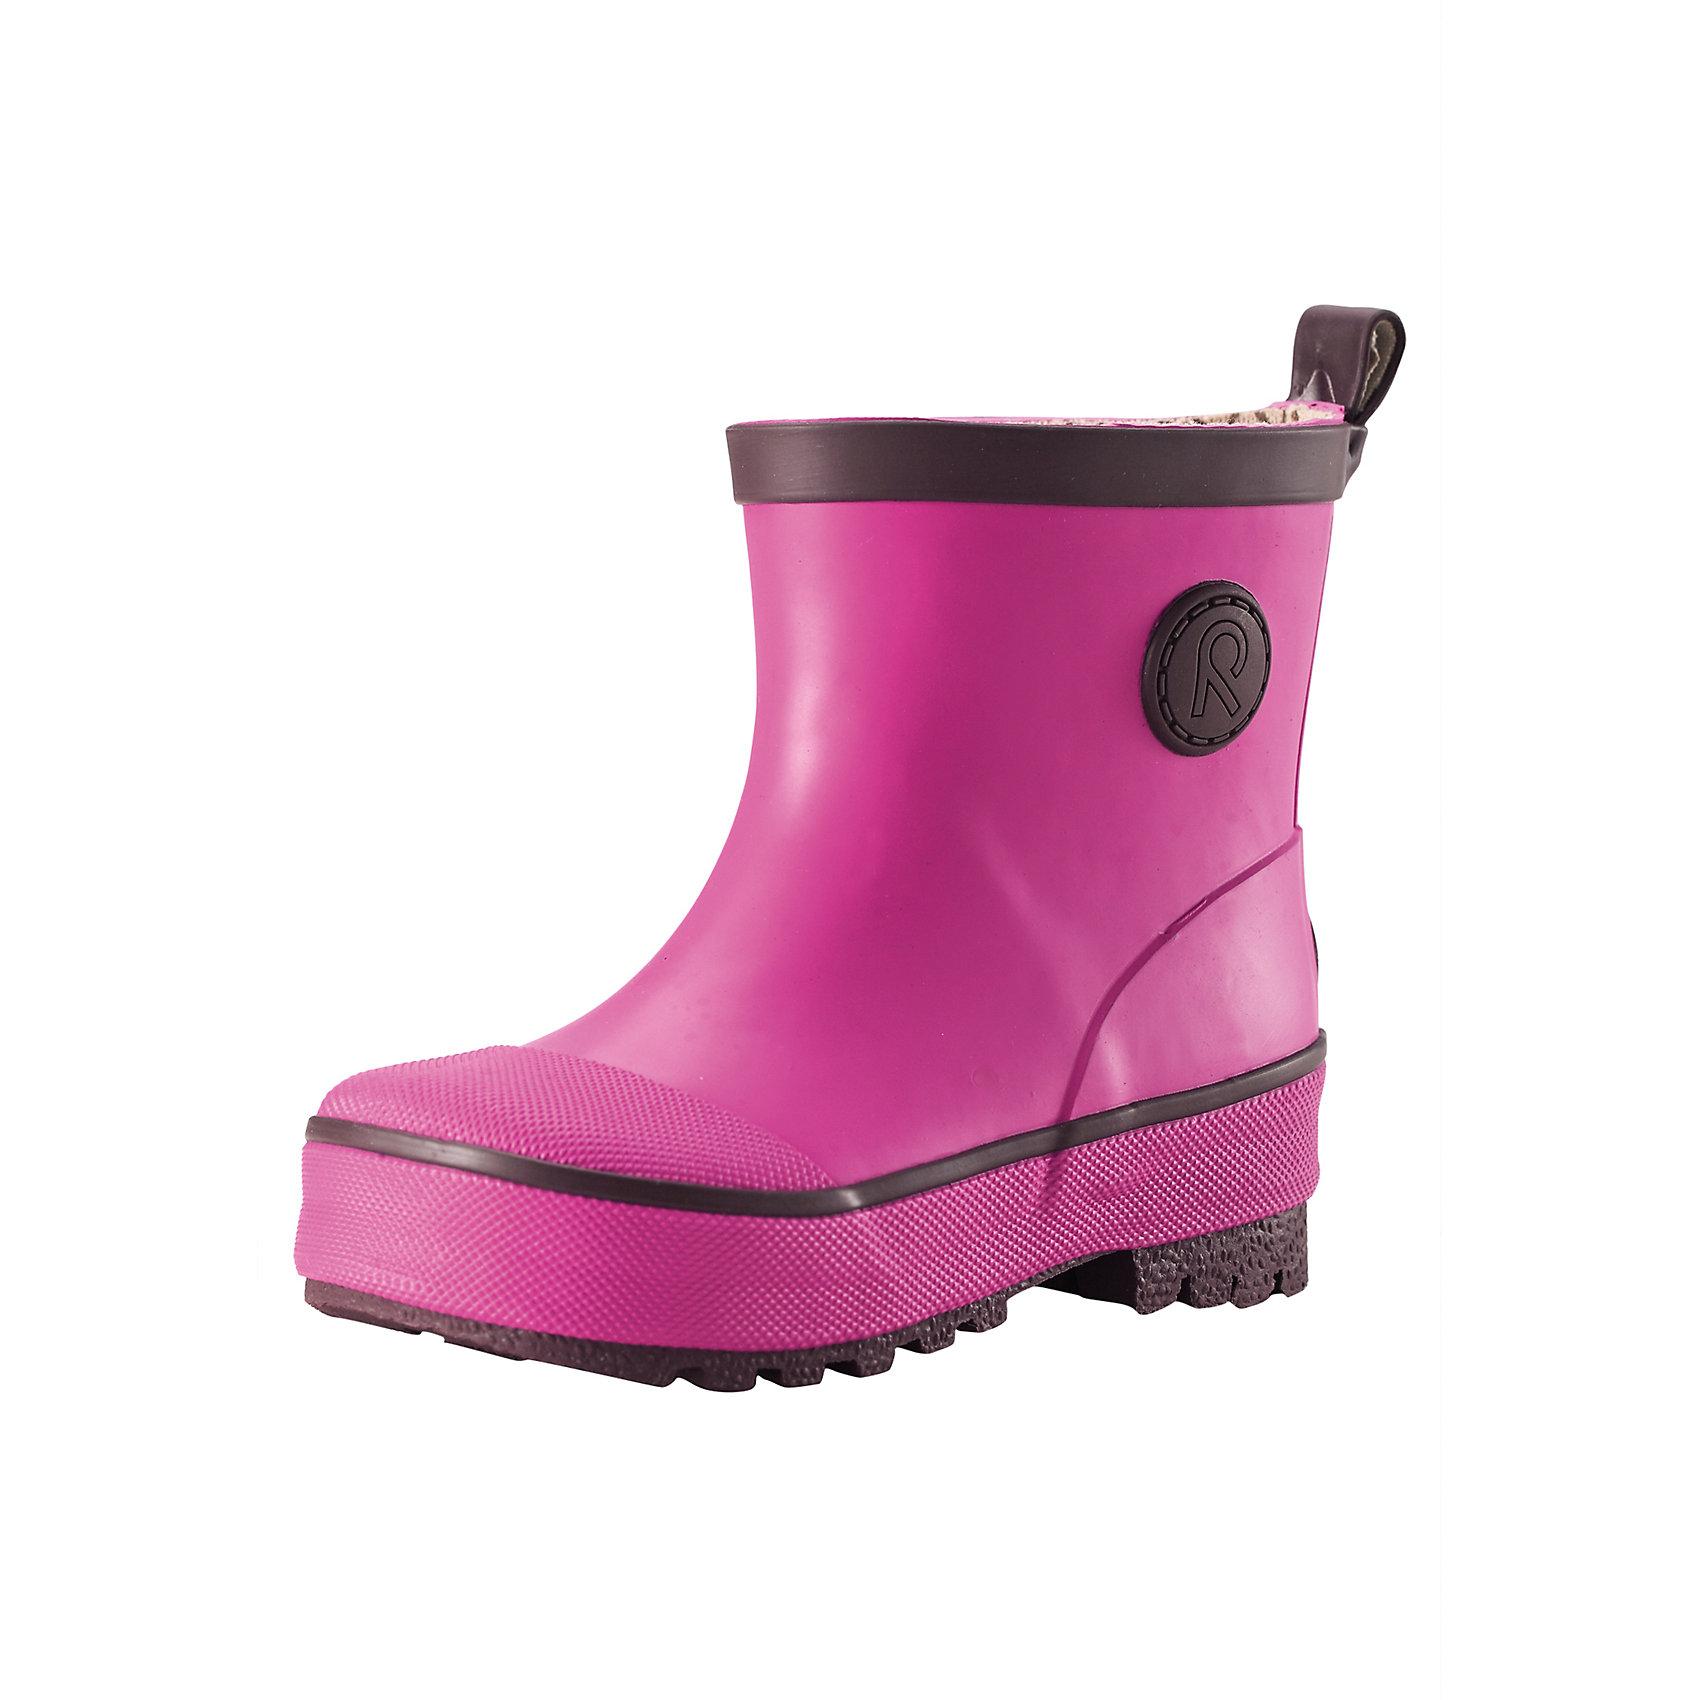 Резиновые сапоги для девочки ReimaВеликолепные однотонные резиновые ботинки для малышей, легко комбинируются с различной одеждой. Ботинки оснащены удобной хлопчатобумажной подкладкой, а съемные стельки с принтом Happy Fit помогут подобрать правильный размер. Резиновые ботинки Reima® специально разработаны для маленьких детей – высота голенища тщательно подобрана для удобства детской ножки, поэтому ботинки легко одеваются, но обеспечивают необходимую защиту. Штрипки брюк или комбинезона будут оставаться неподвижными и расположатся как раз перед каблуком благодаря канавке на подошве. Структурированная резиновая подошва гарантирует хорошее сцепление на любой поверхности. Обратите внимание на рефлектор на задней части для дополнительной безопасности.<br><br>Дополнительная информация:<br><br>Резиновые сапоги для малышей<br>Основной материал на 40 % состоит из натурального каучука, не содержит поливинилхлорида<br>Хлопчатобумажная подкладка<br>Съемные стельки с рисунком Happy Fit, которые помогают определить размер<br>Подъем обуви рассчитан на маленьких детей<br>Отражатель на заднике<br>Состав:<br>Подошва: резина, Верх: резина<br>Уход:<br>После использования резиновые сапоги следует почистить. Храните сапоги в темном прохладном месте: выпрямив их голенища.<br><br>Ширина мм: 237<br>Глубина мм: 180<br>Высота мм: 152<br>Вес г: 438<br>Цвет: розовый<br>Возраст от месяцев: 9<br>Возраст до месяцев: 12<br>Пол: Женский<br>Возраст: Детский<br>Размер: 20,24,23,21,22,19<br>SKU: 4498336